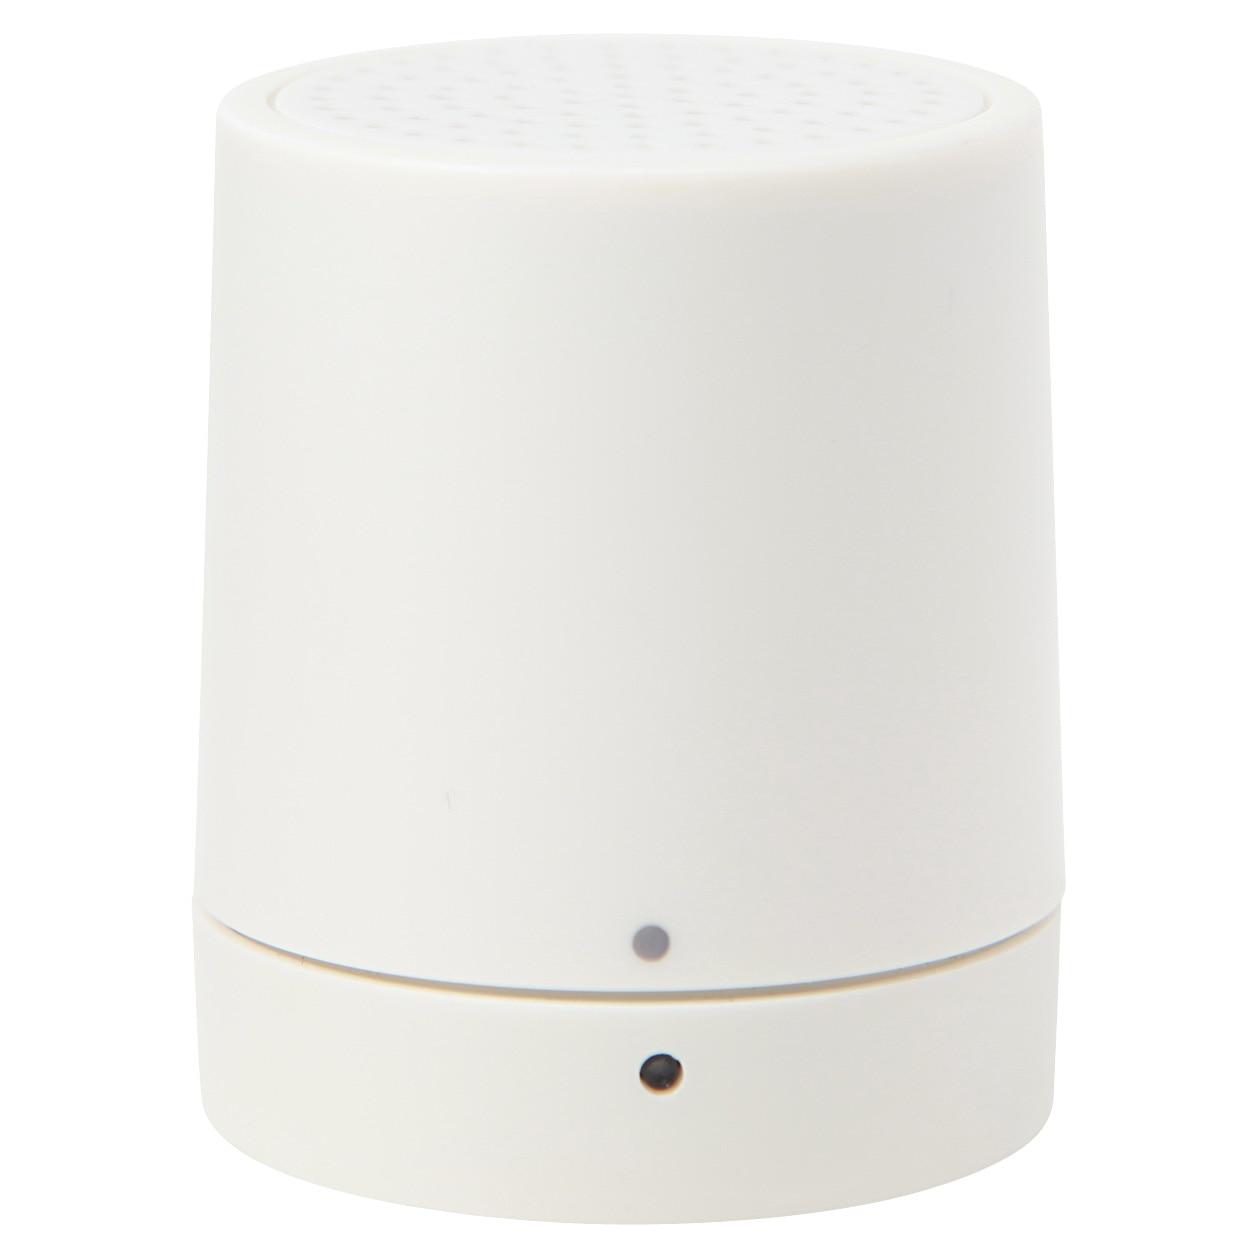 ダイヤル式Bluetoothスピーカー